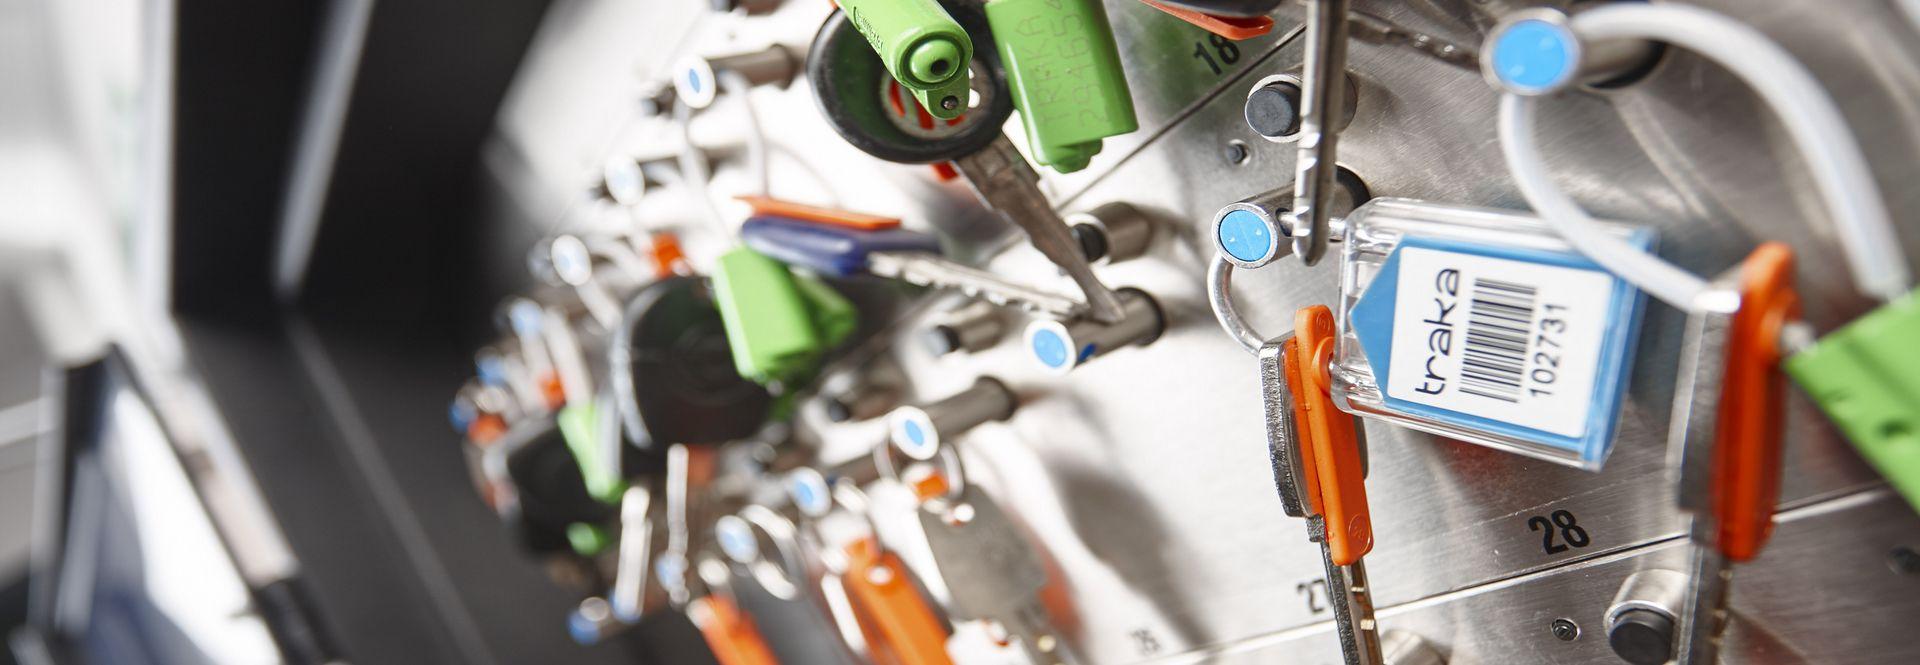 sistema de control de llaves con diferentes sellos de seguridad,